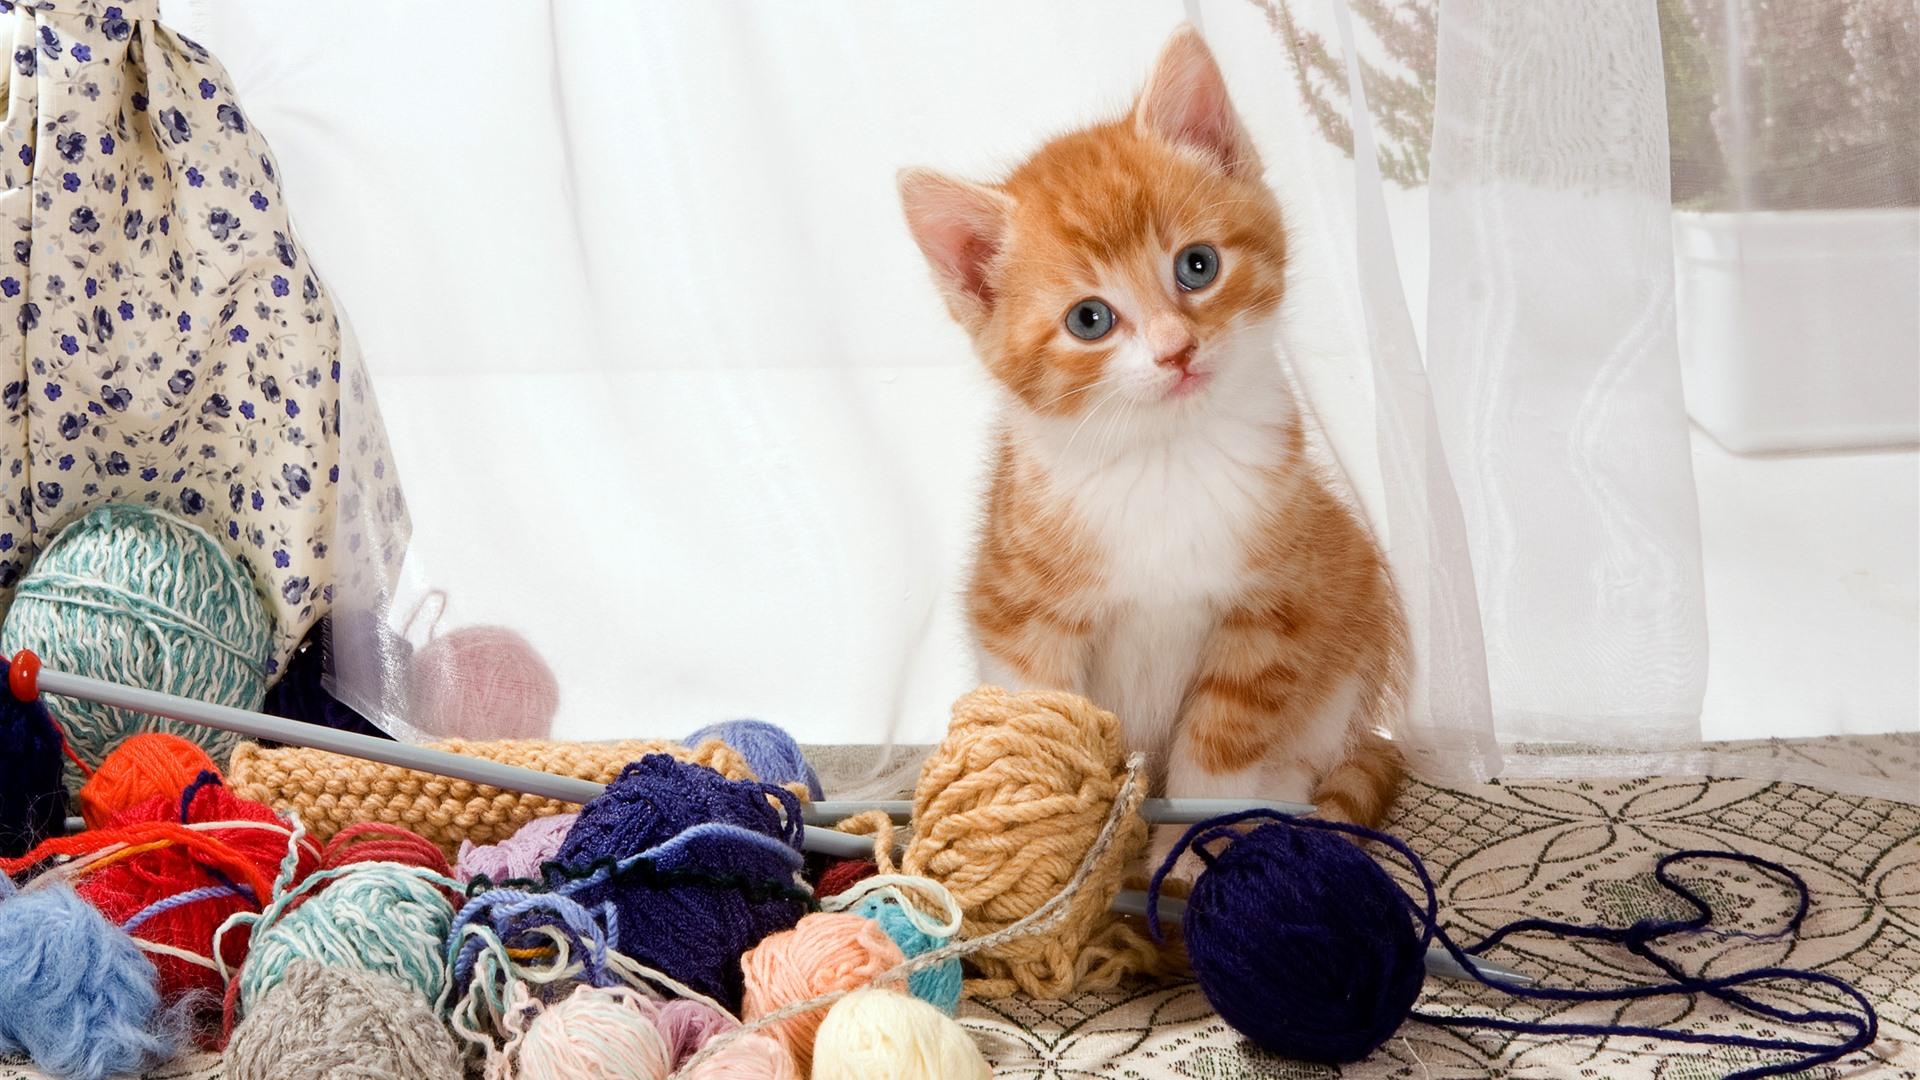 Cute Kitten And Wool Balls 1125x2436 IPhone XS/X Wallpaper